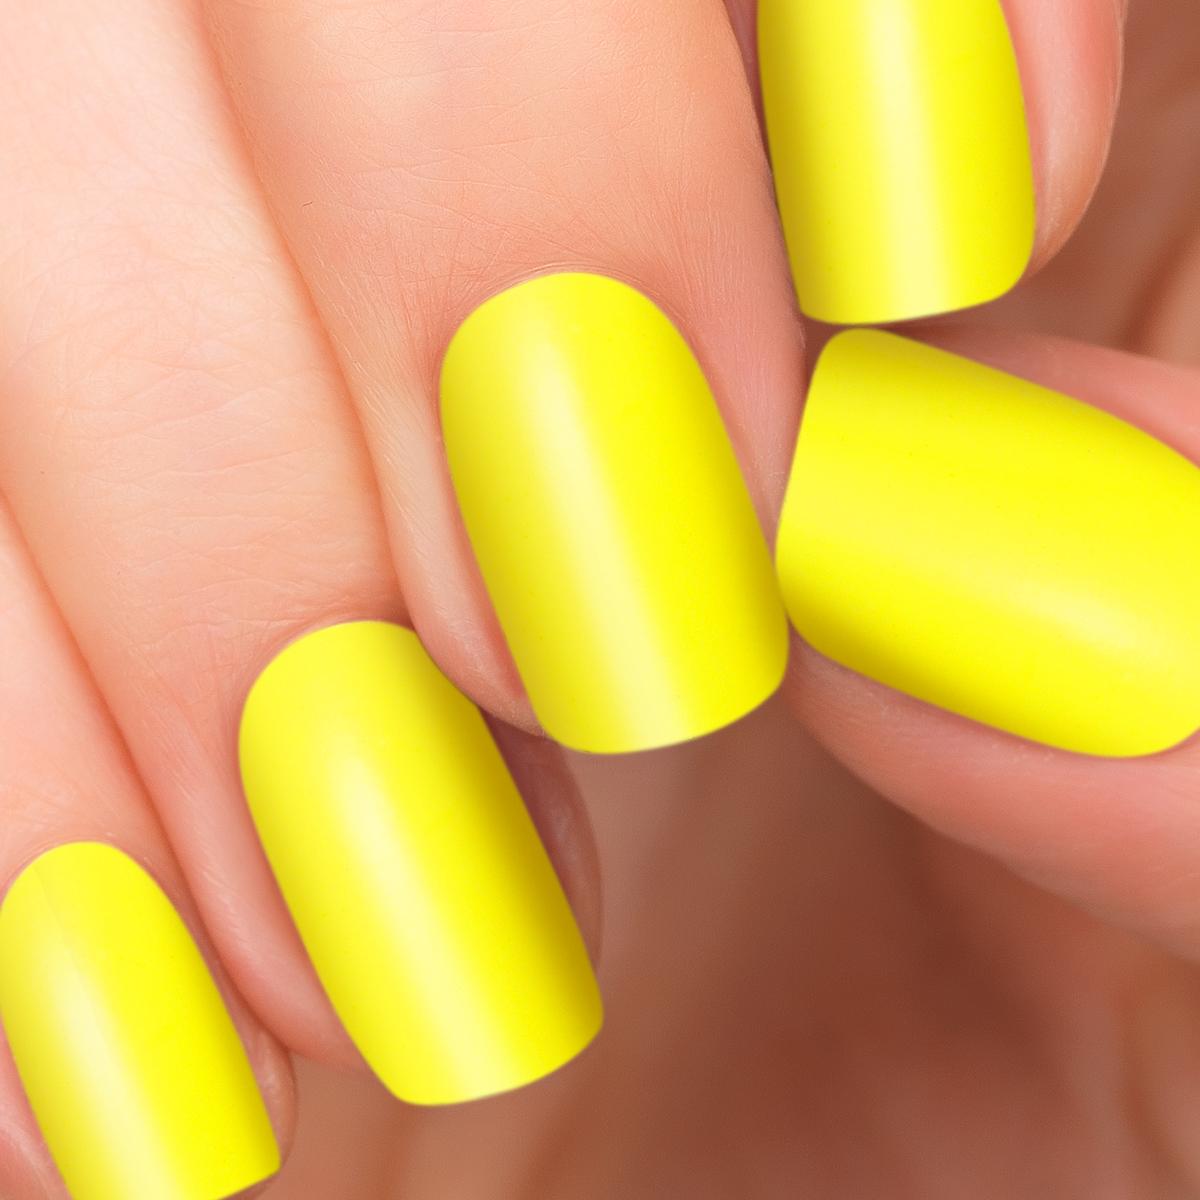 Yellow Nail Polish On: Square Yellow Nails